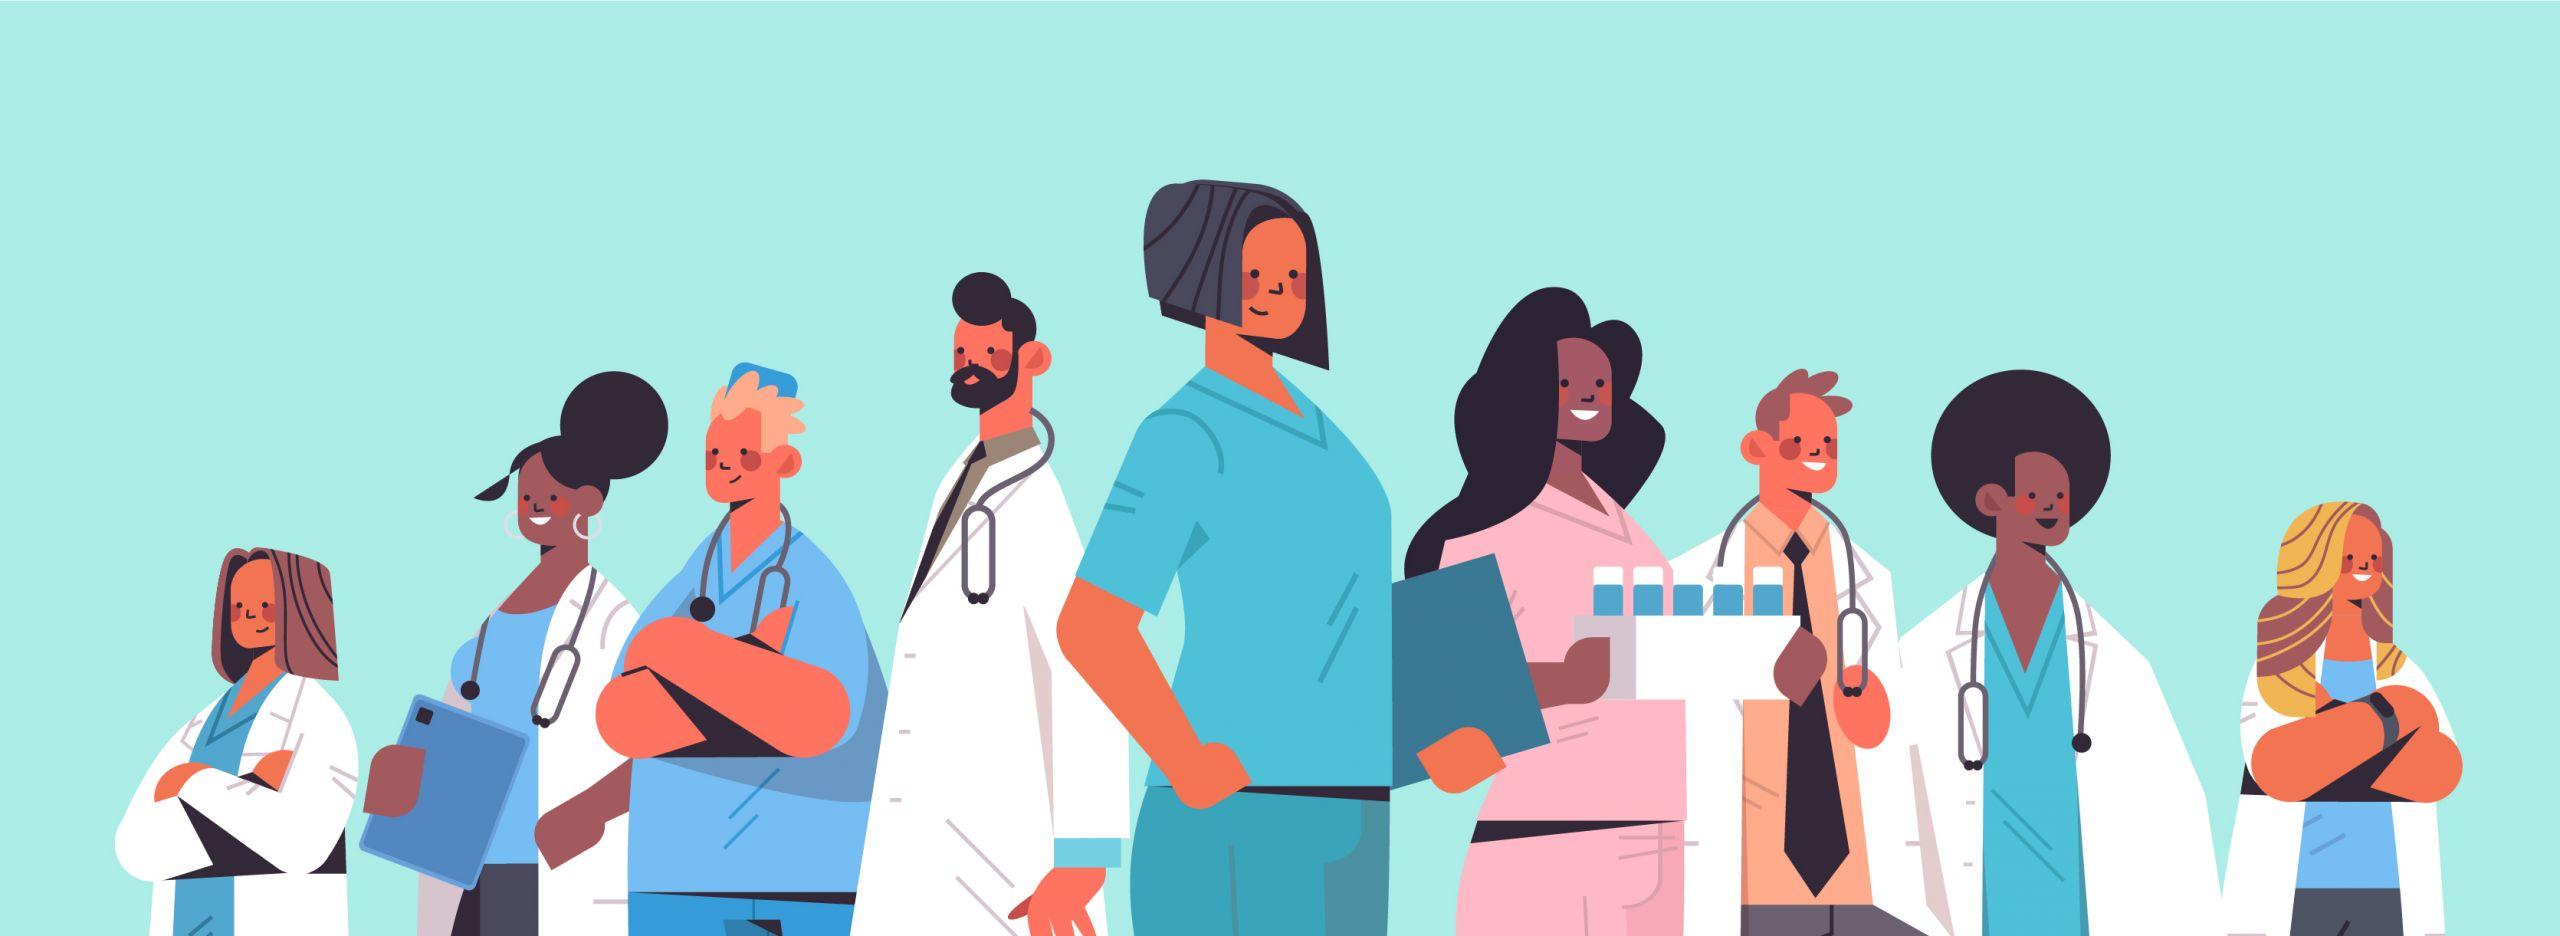 Es sind 9 animierte Ärzt*innen zu sehen, die teilweise Klemmbretter in den Händen halten, Kittel tragen und Stethoskope mit sich führen.